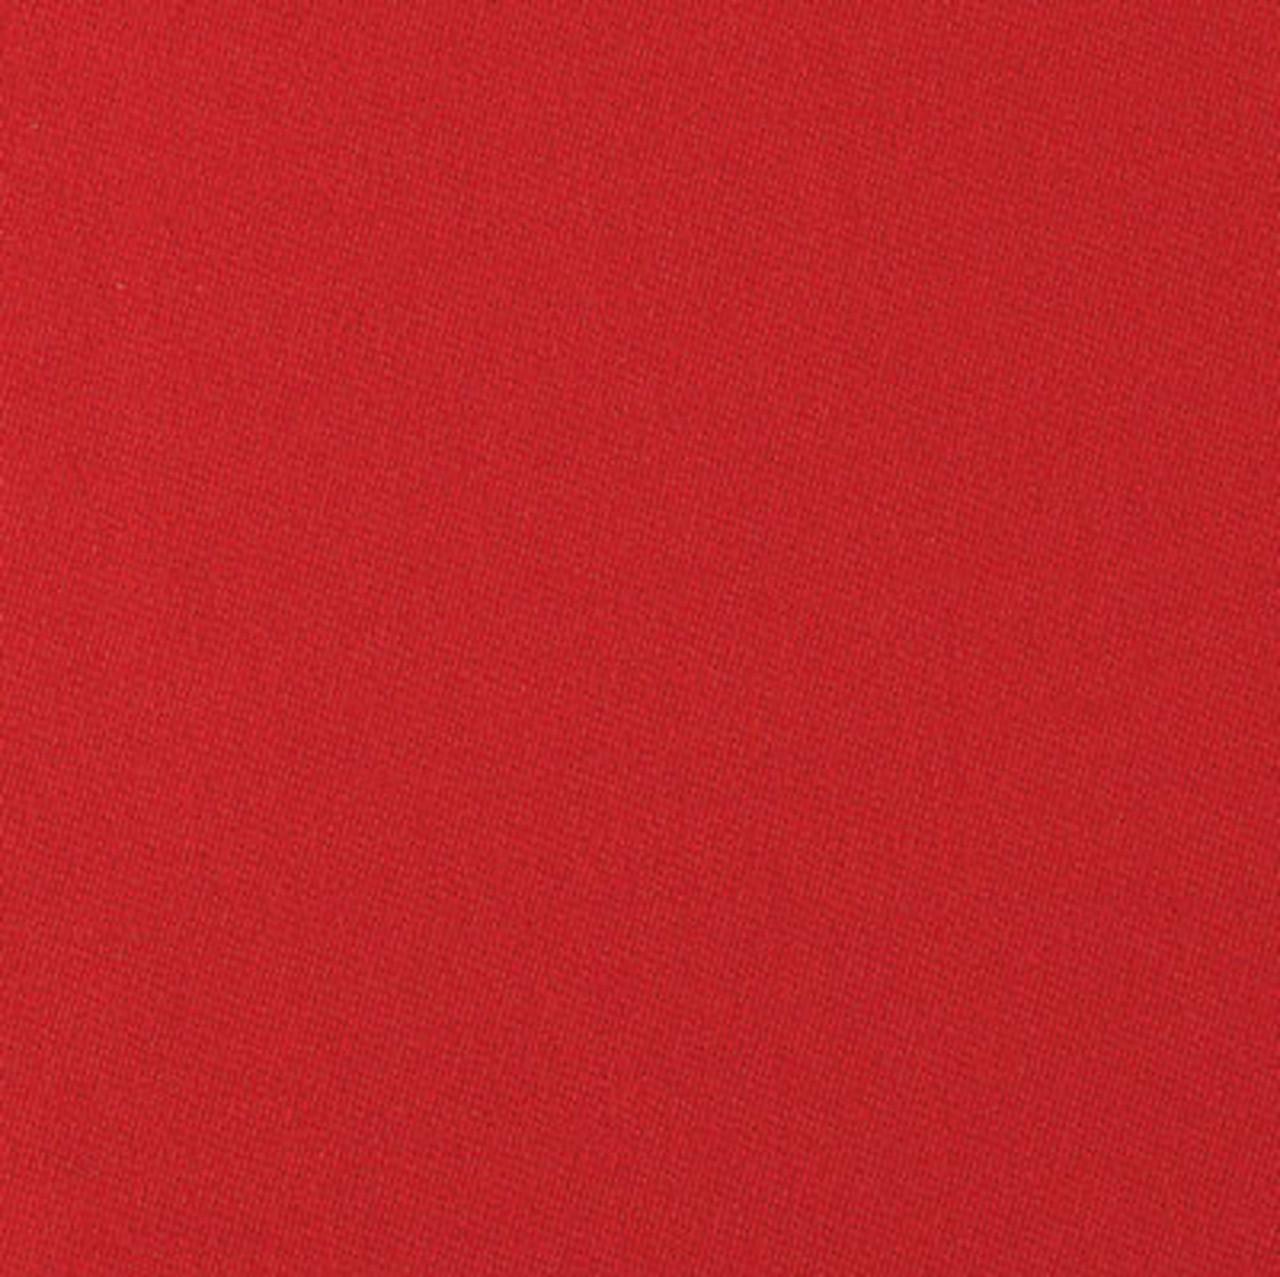 Simonis 860 Red Pool Table Felt - 7ft